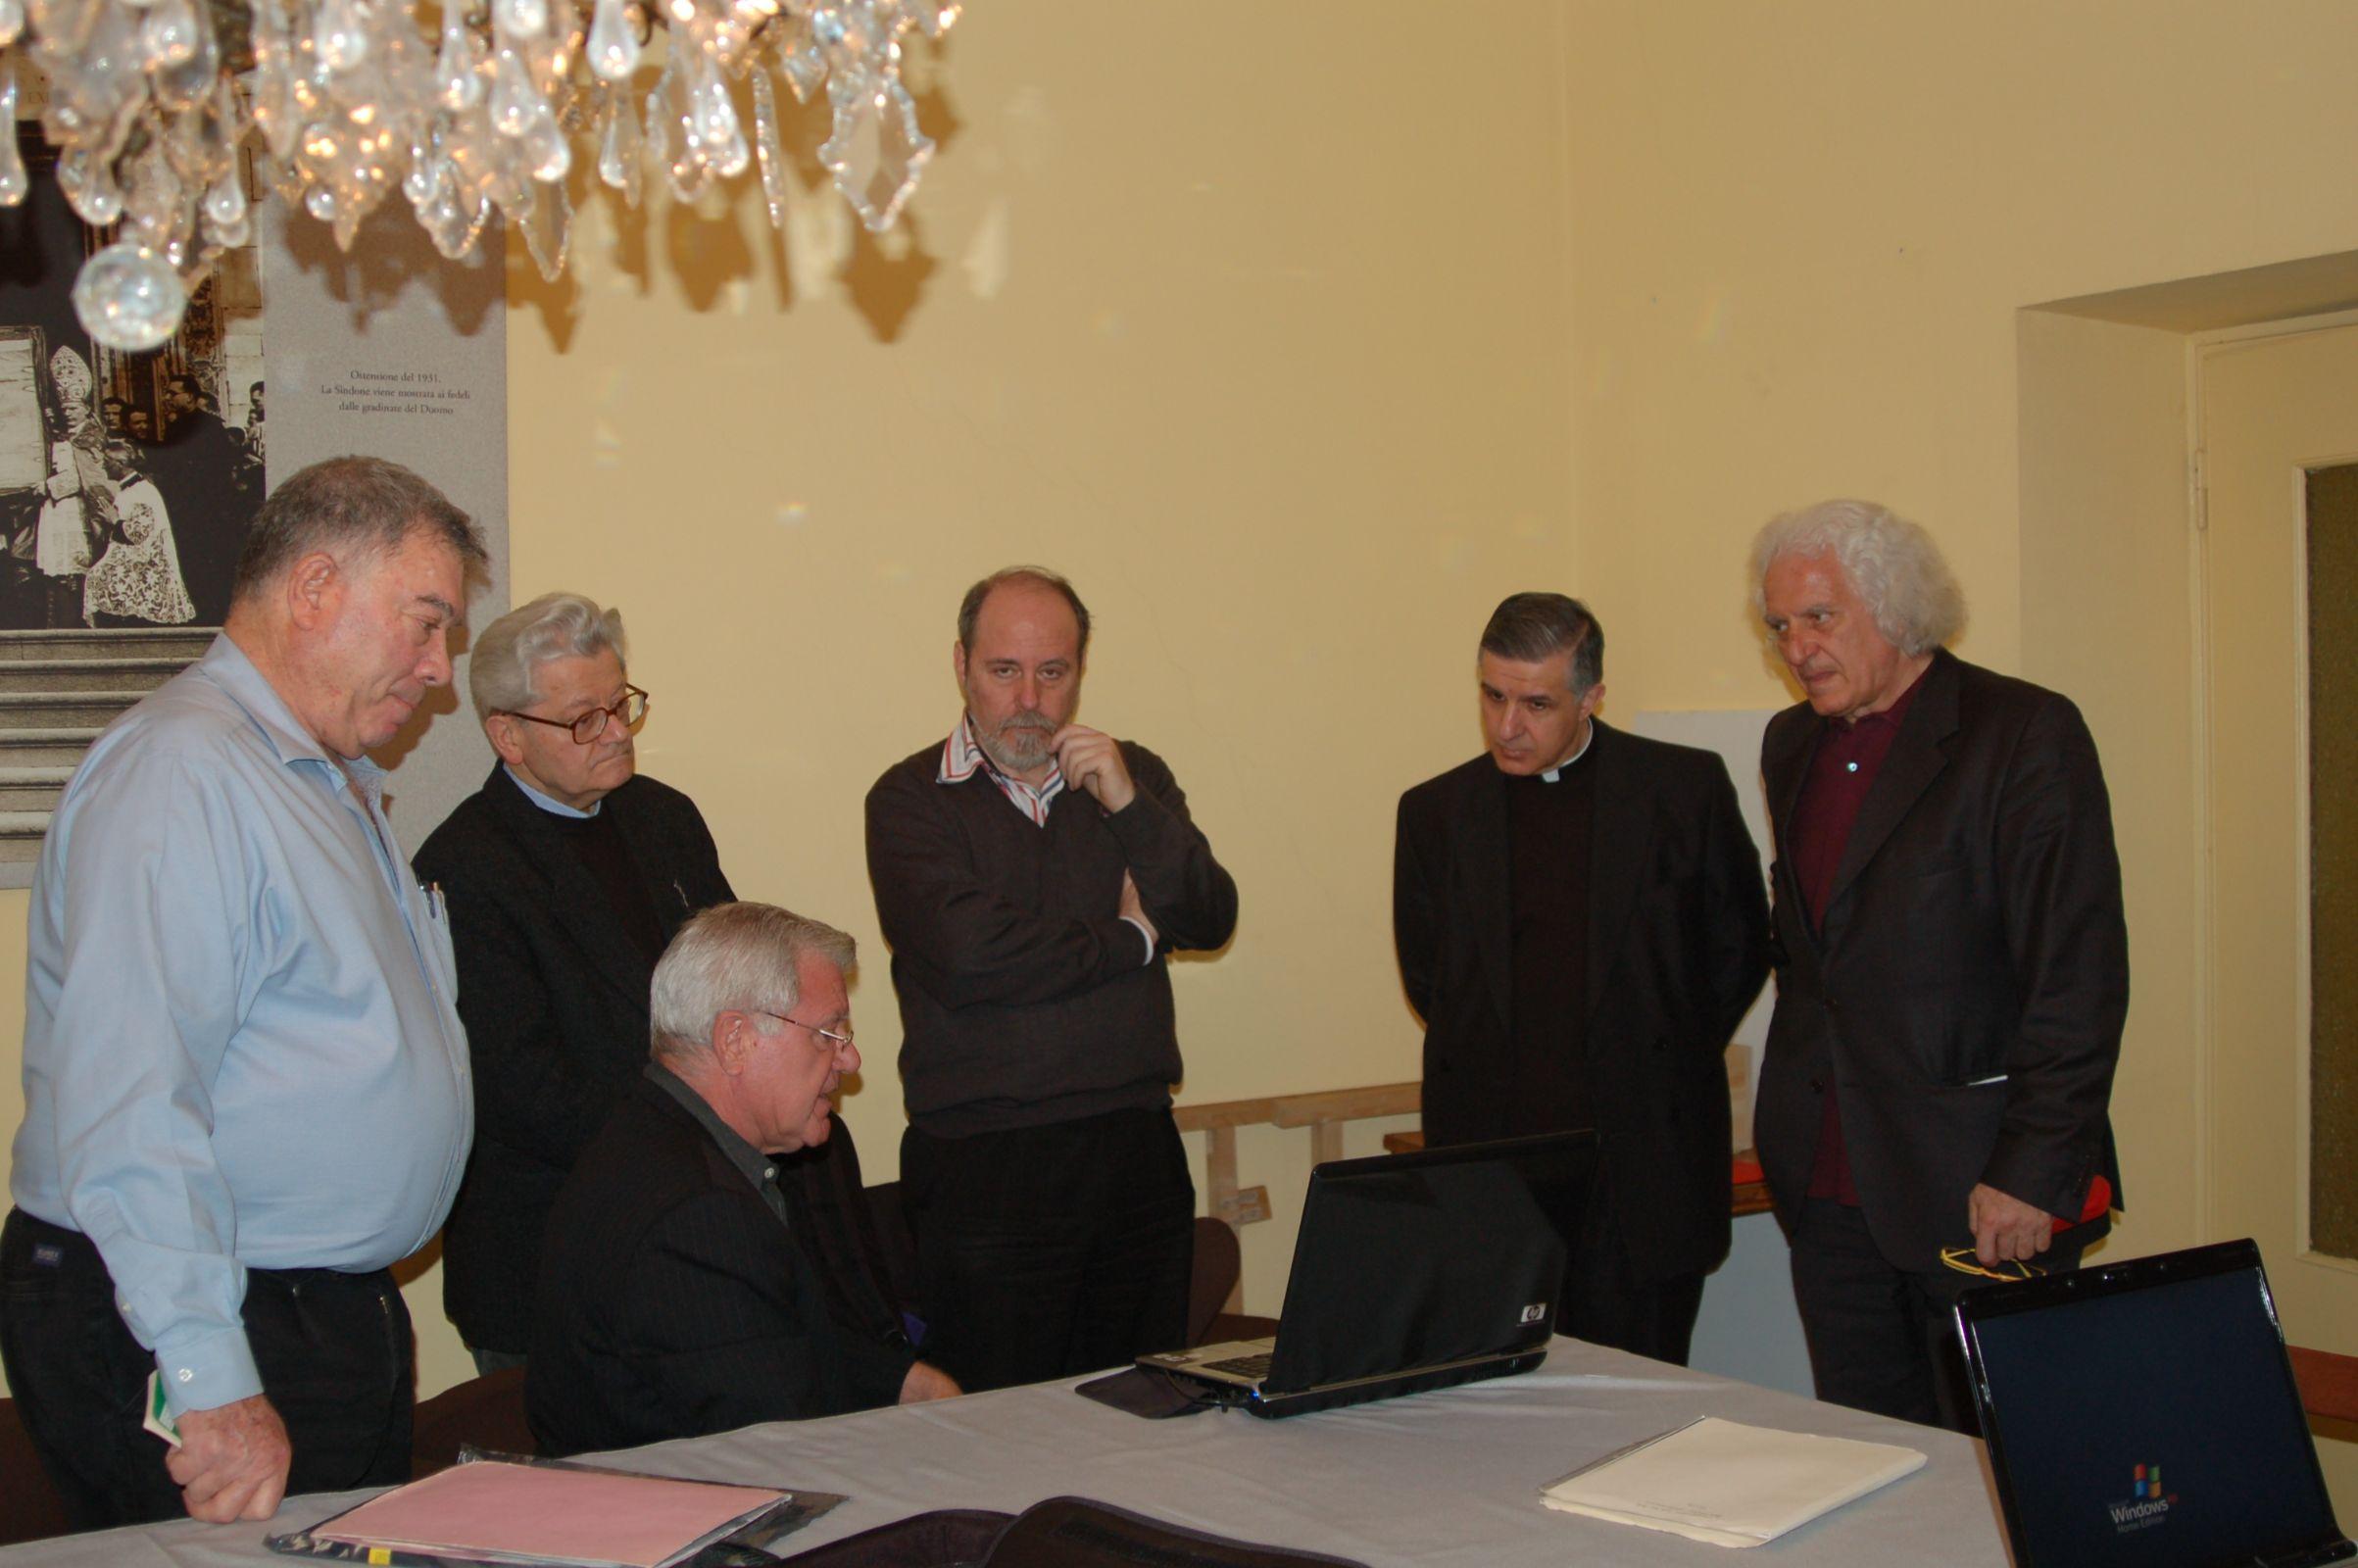 Avinoam Danin, Dr. Soons and Turin authorities